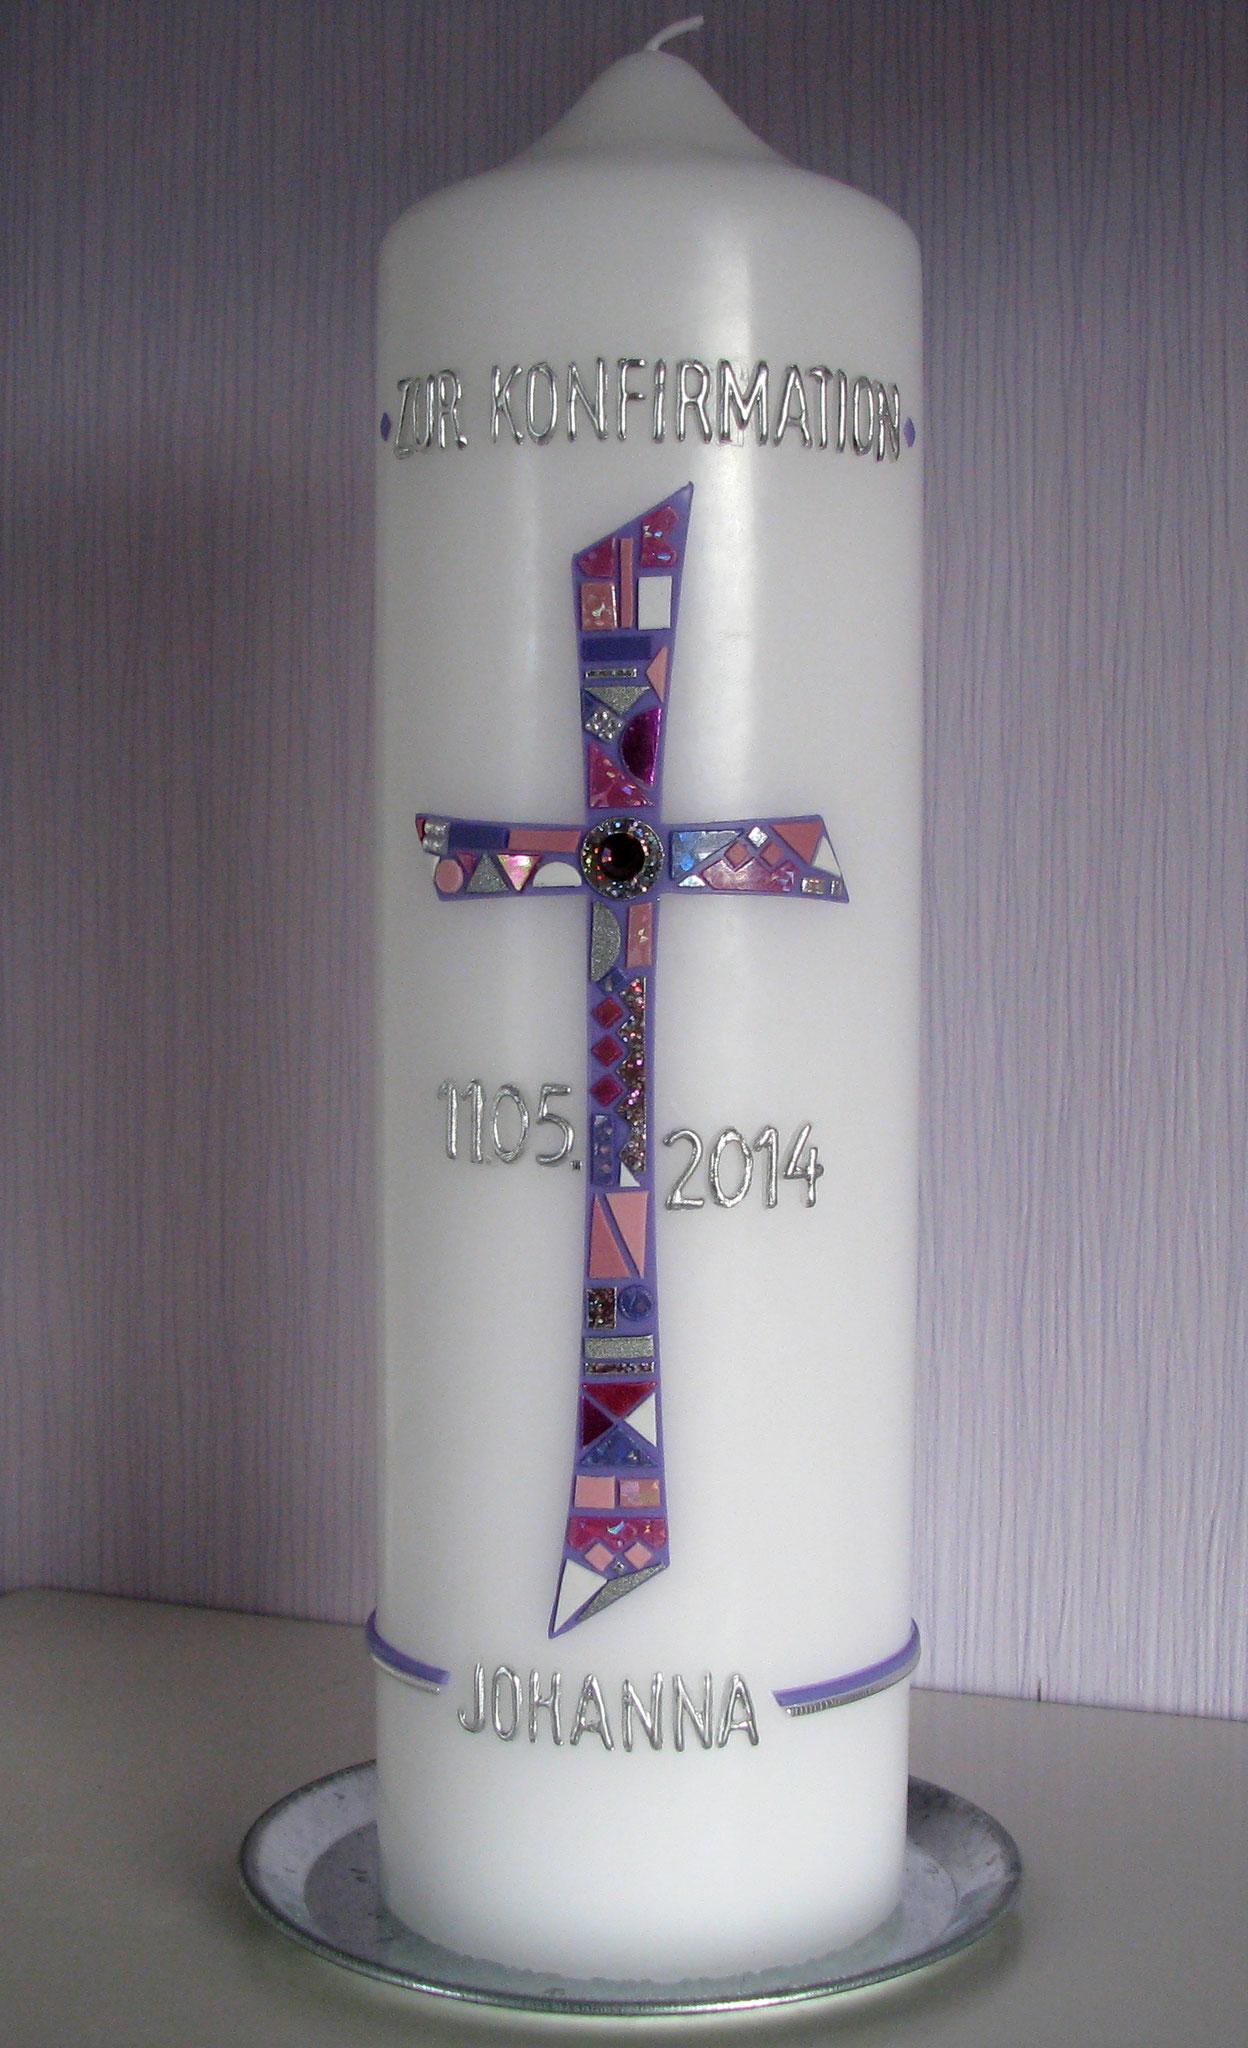 K-6003, rund, d = 8 cm H= 27 cm, Preis ca. € 44,-- (Konfirmation)